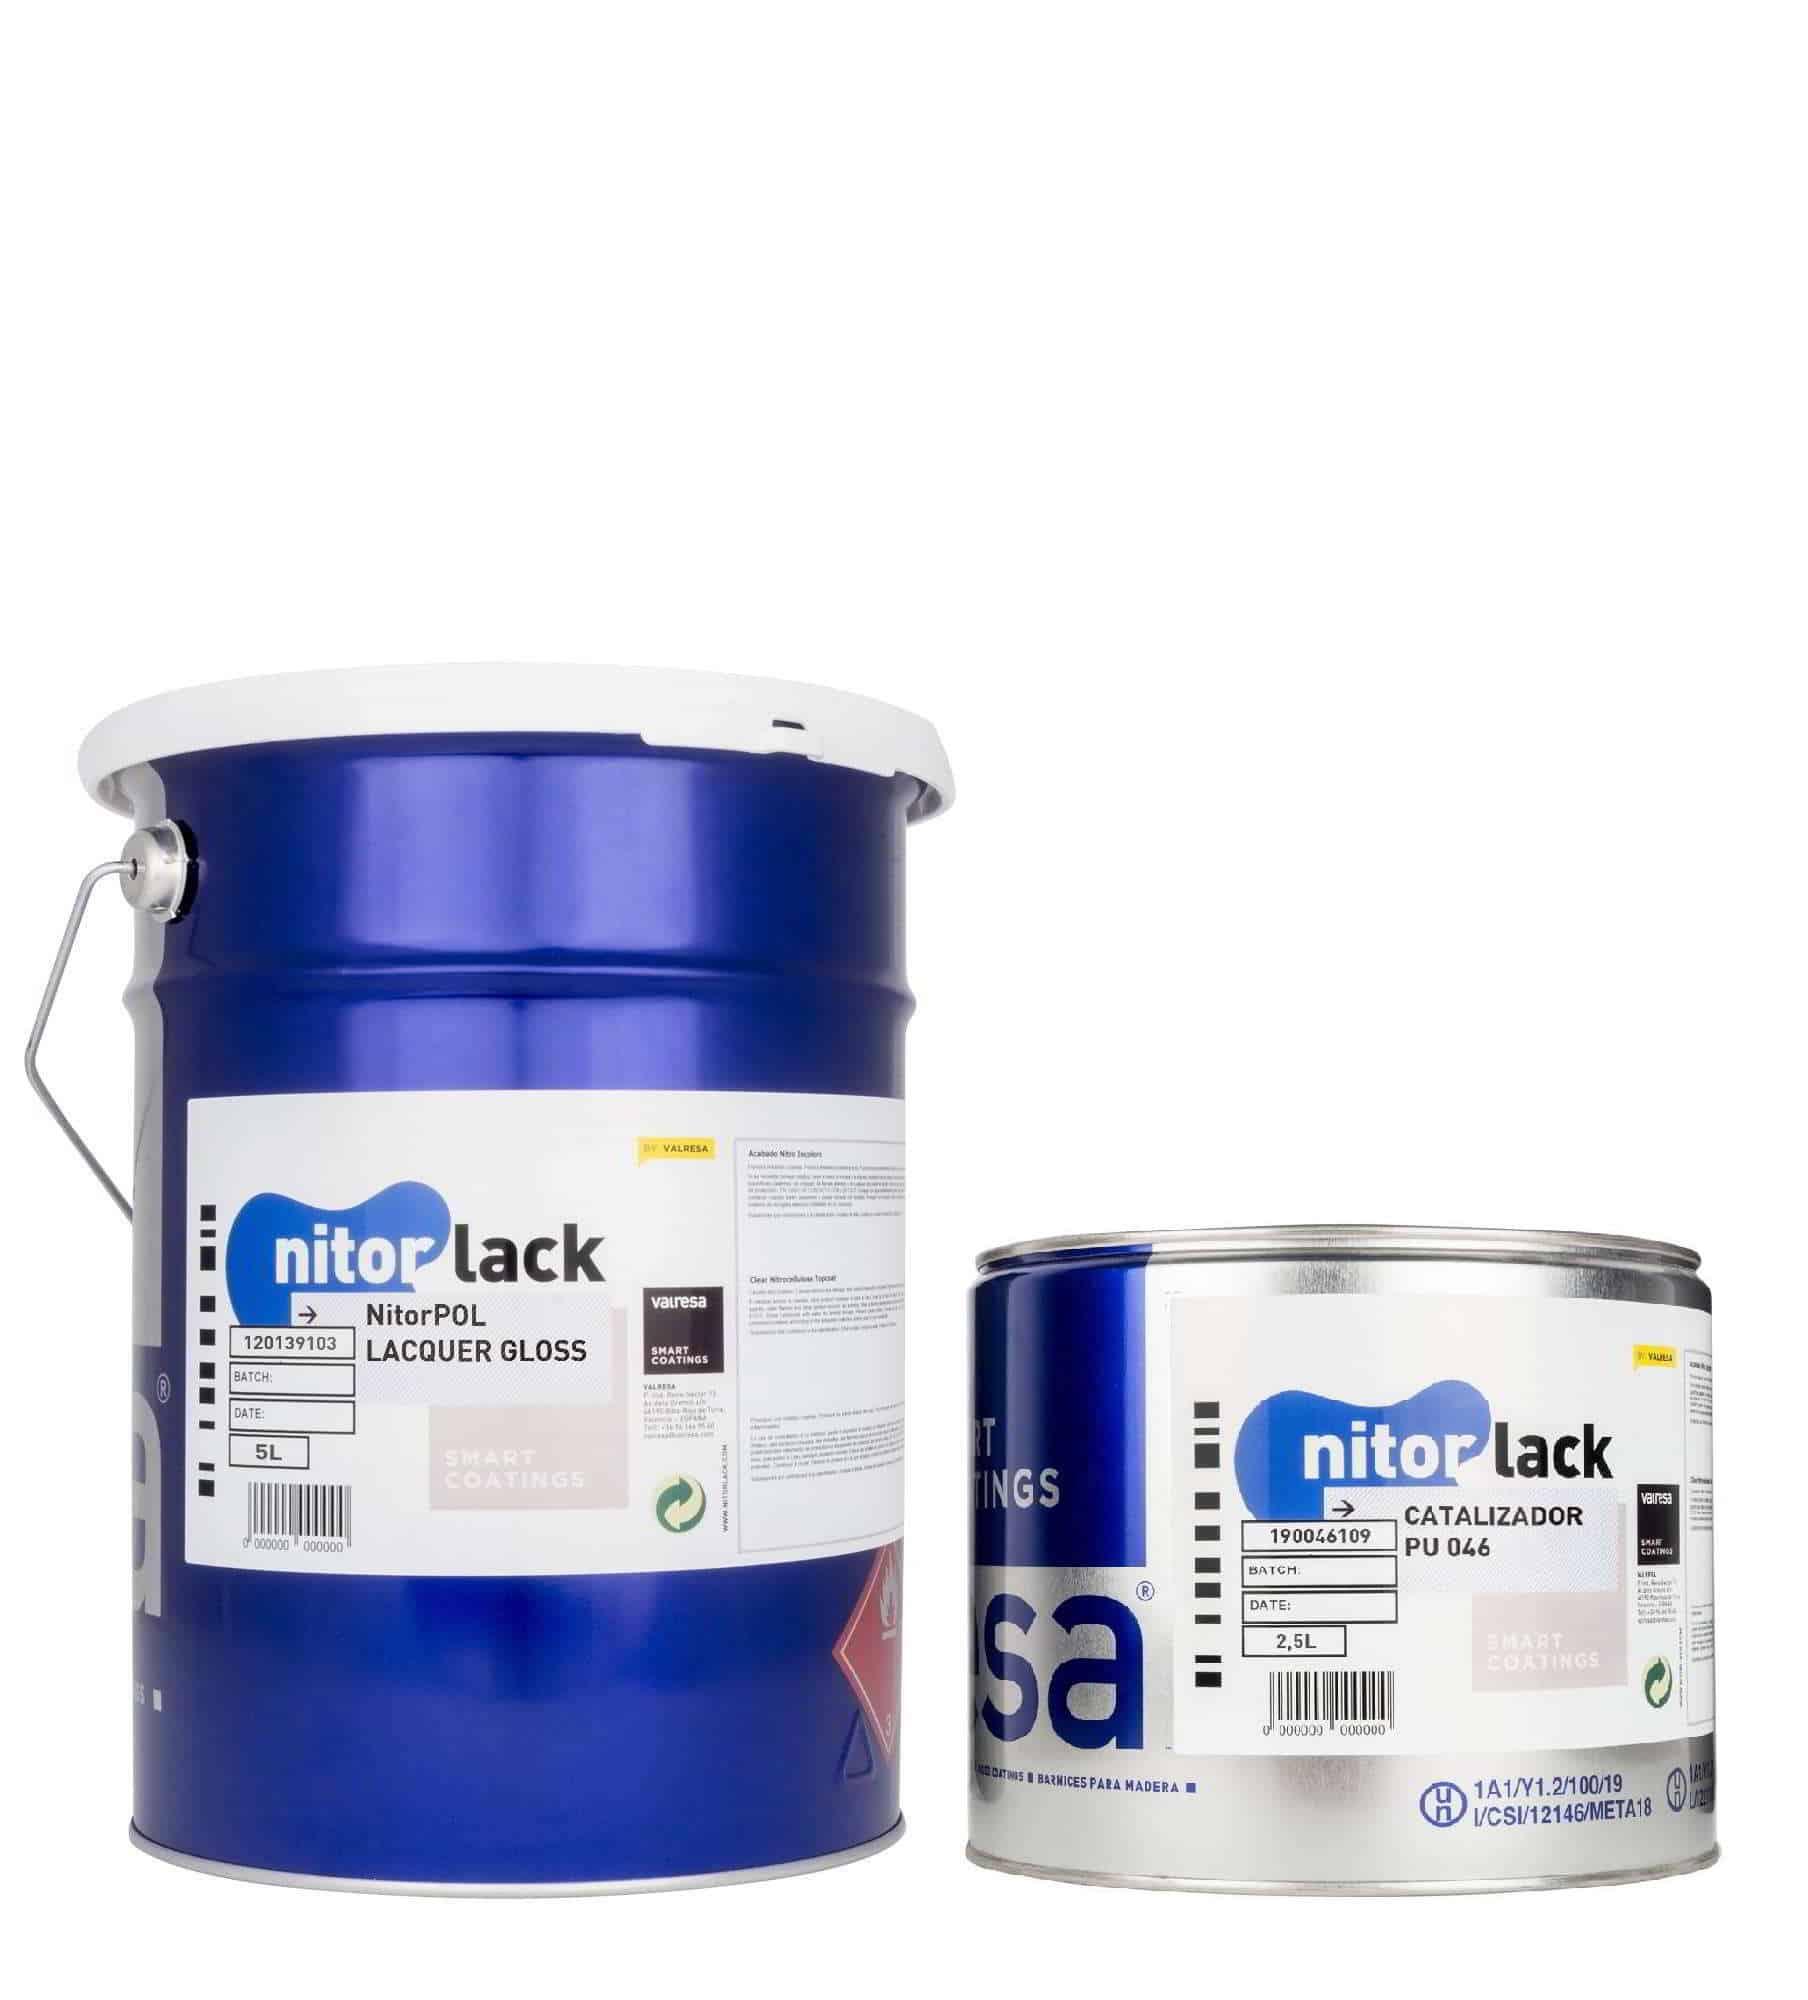 NitorPOL LACQUER GLOSS + catalizador